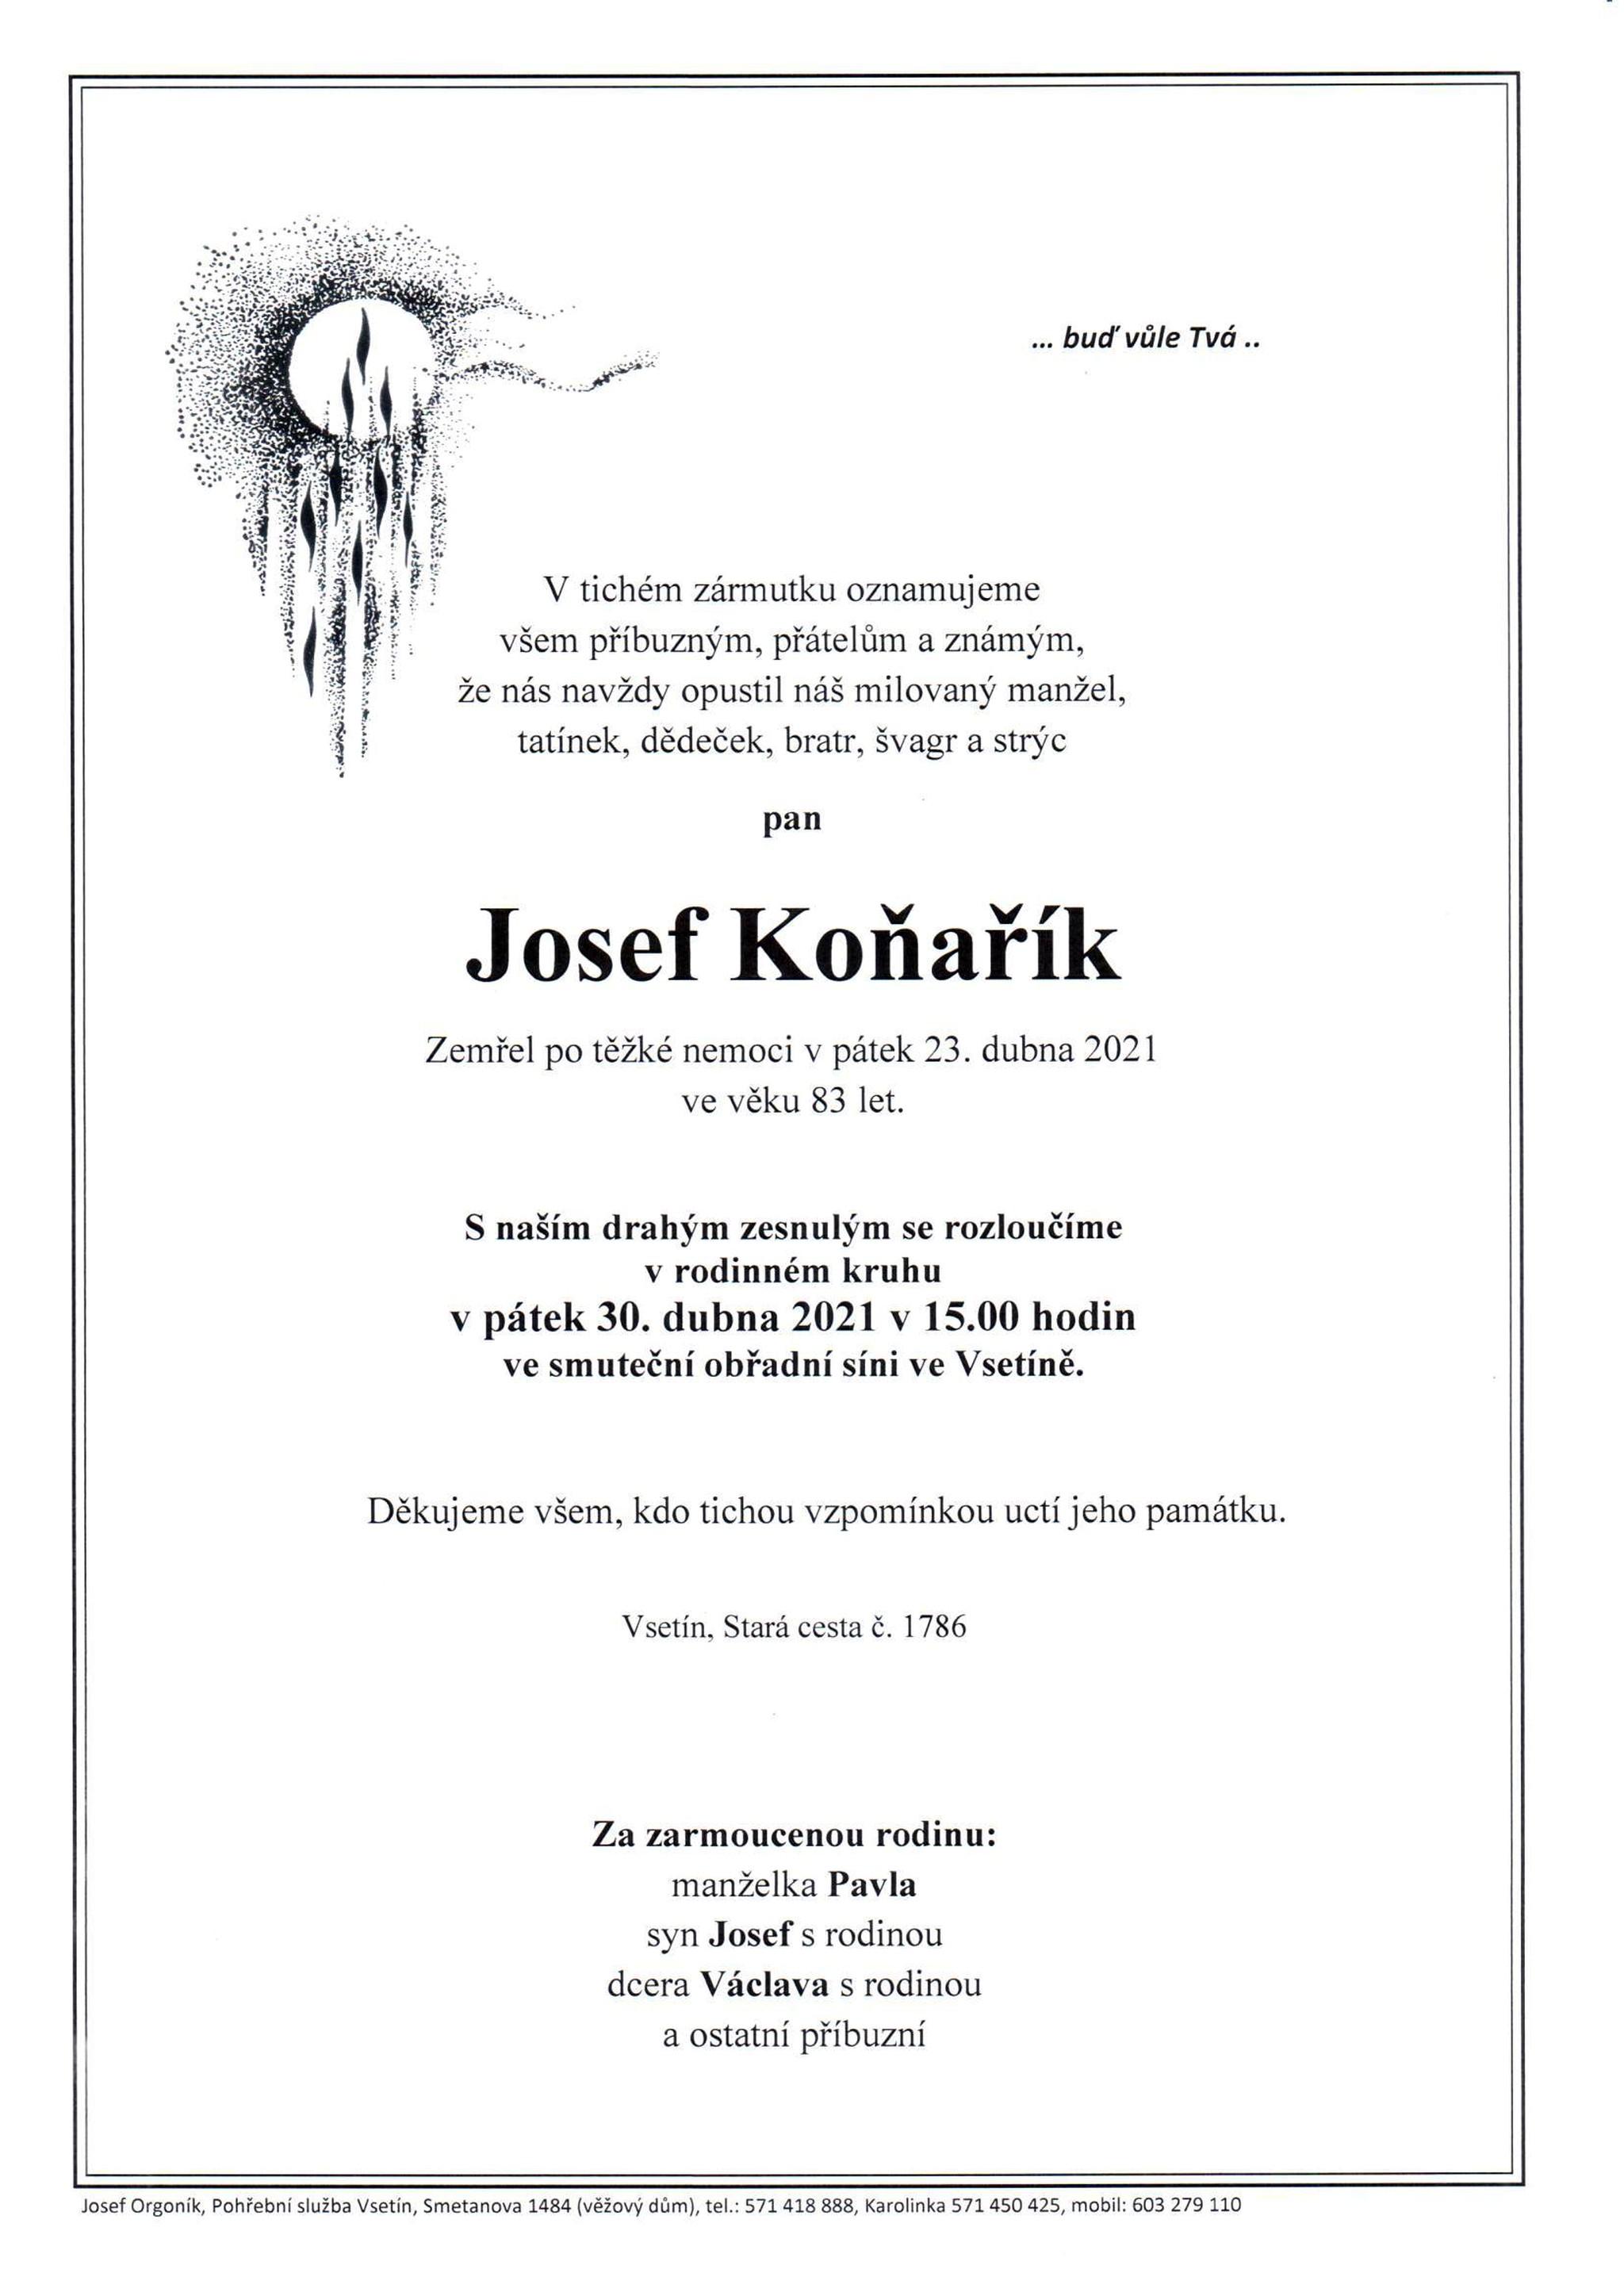 Josef Koňařík